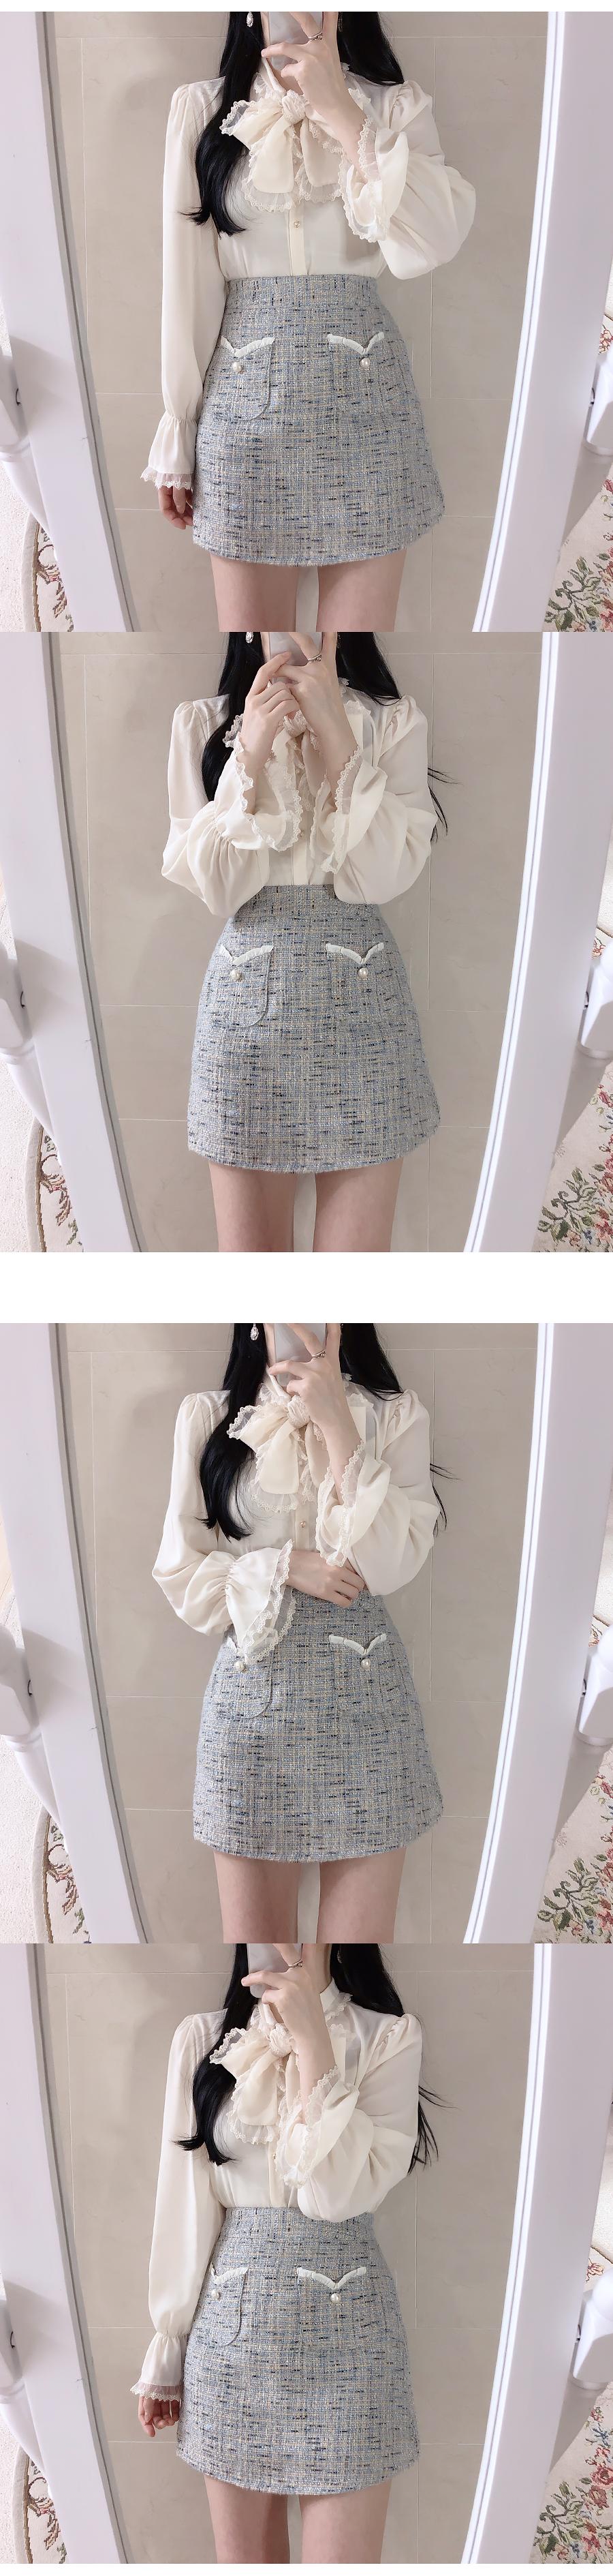 Heart tweed skirt pants